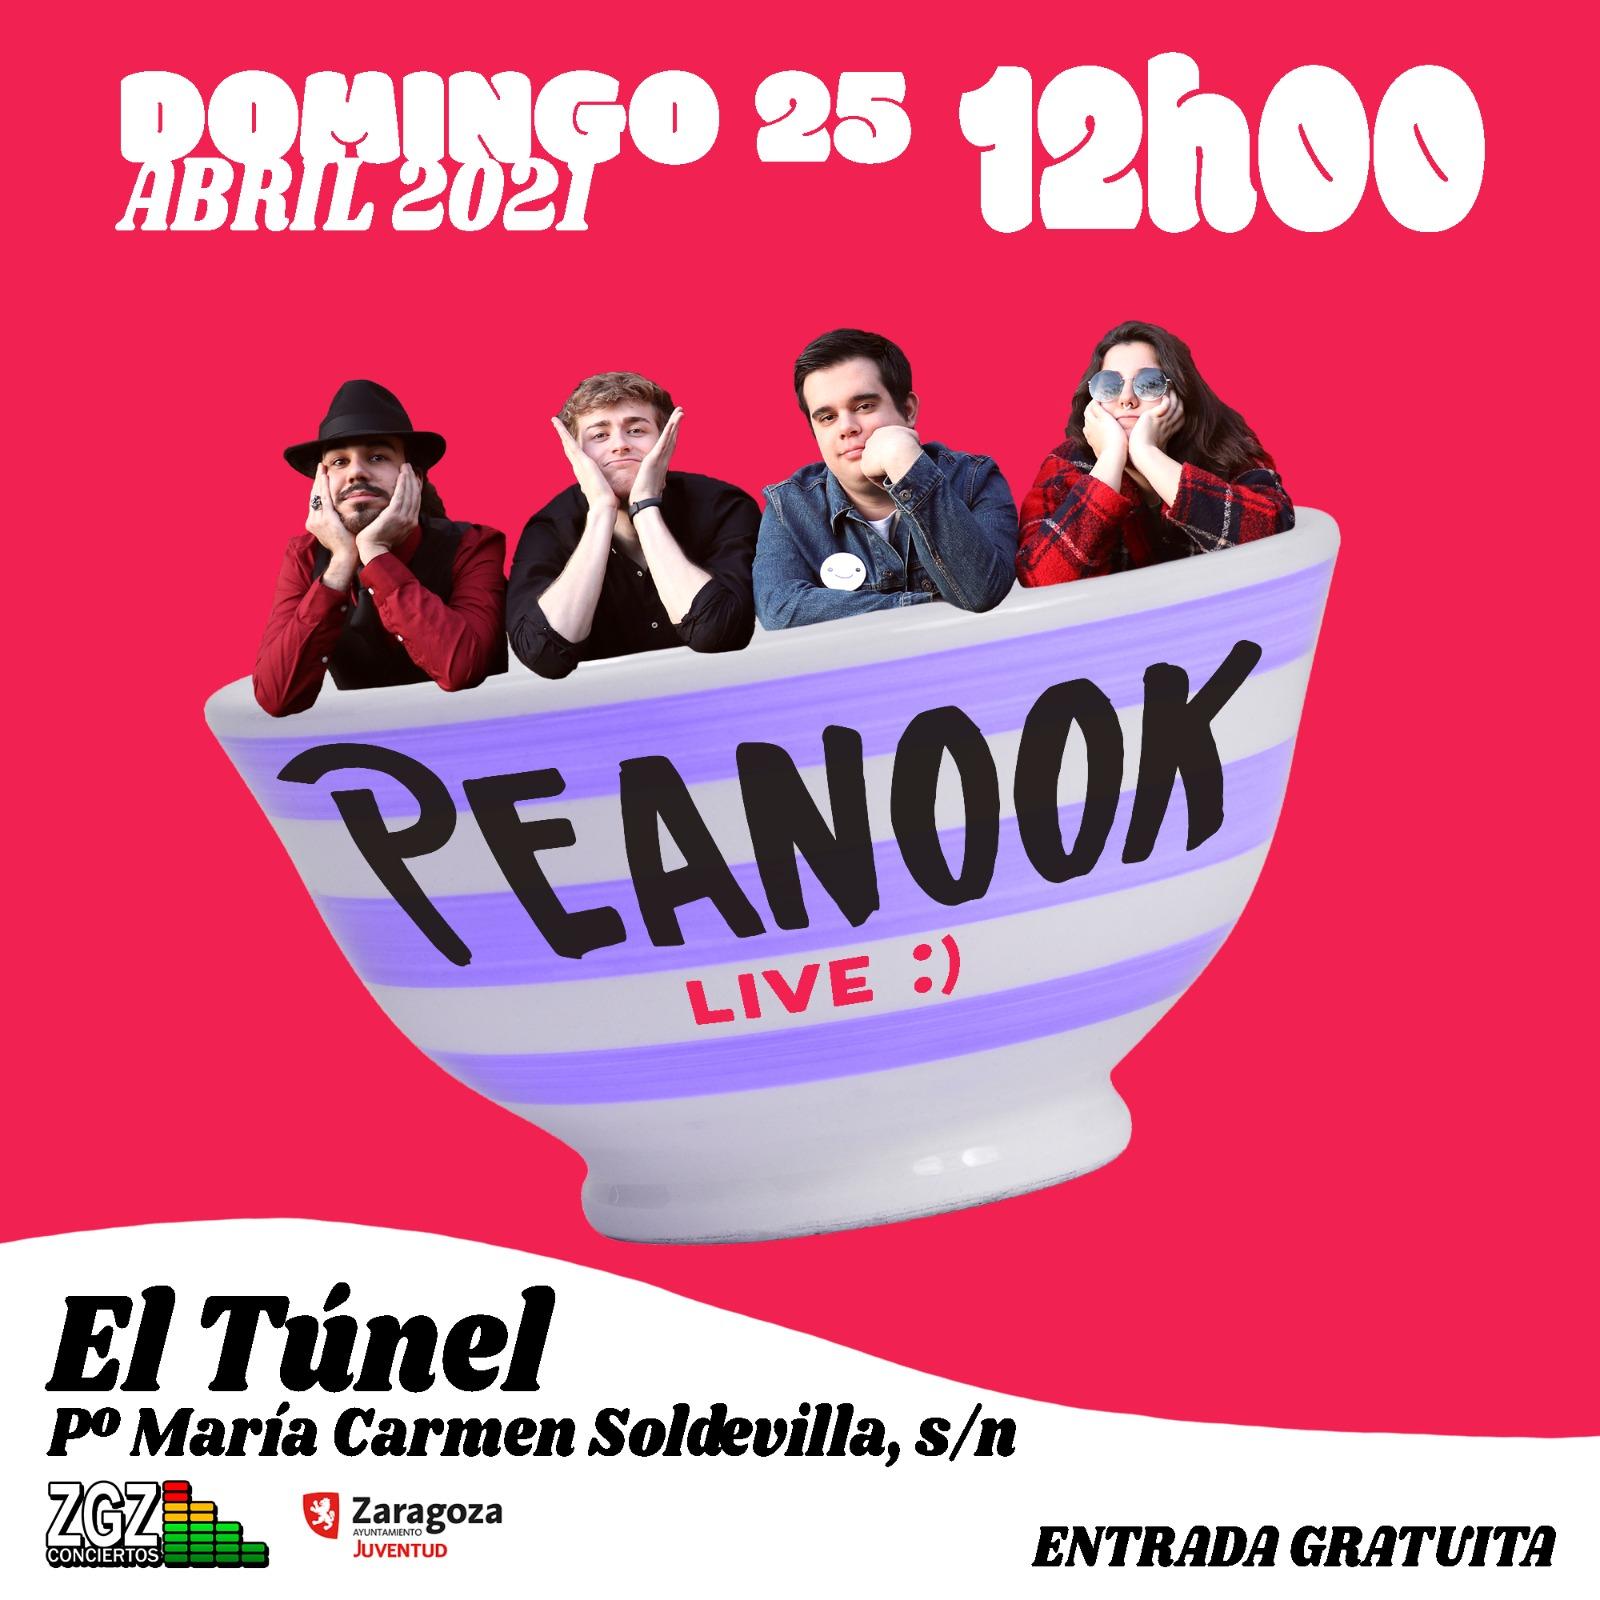 Peanook